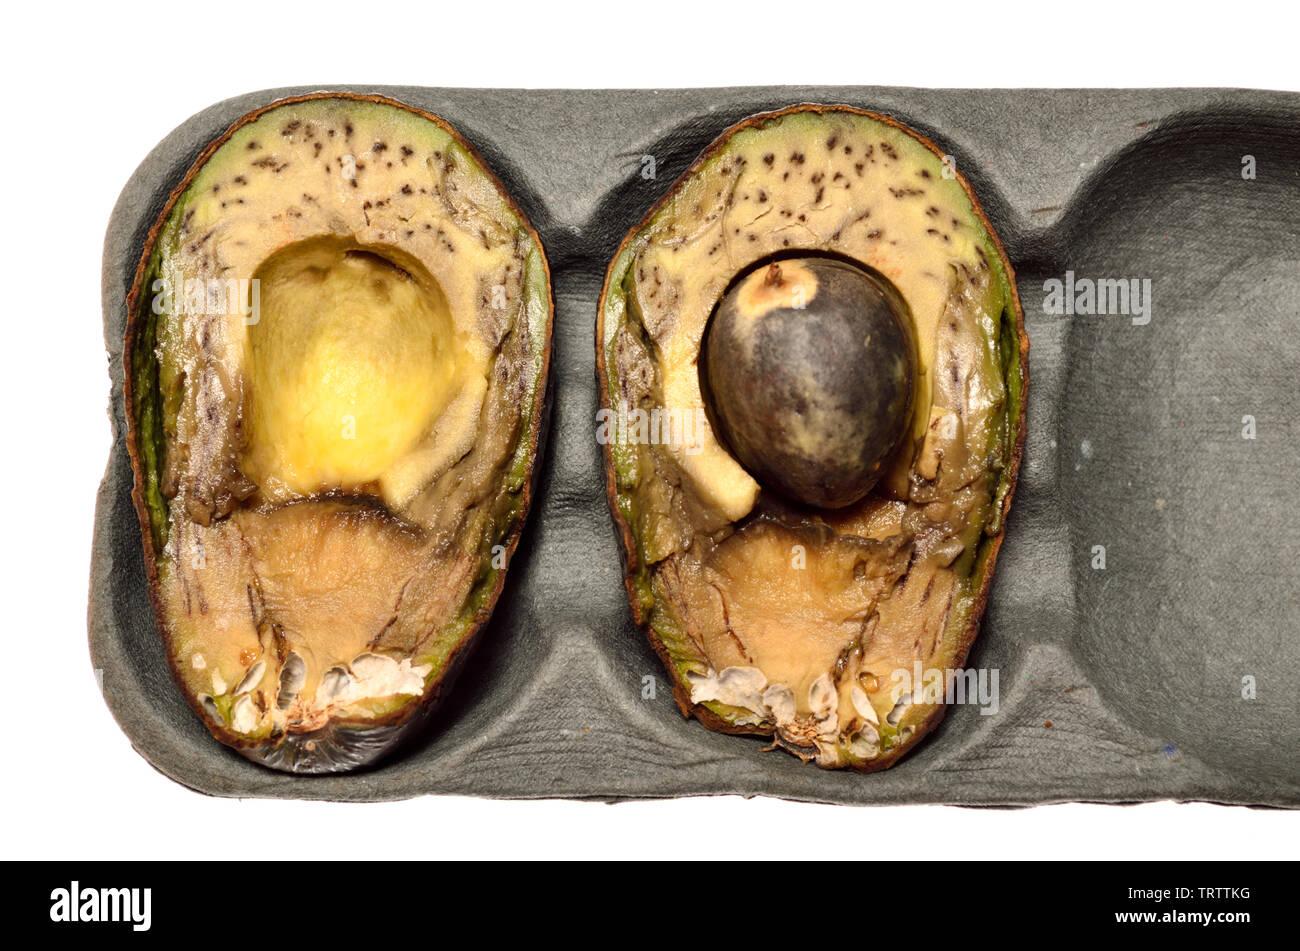 Sexy naked avocado stones vagina men